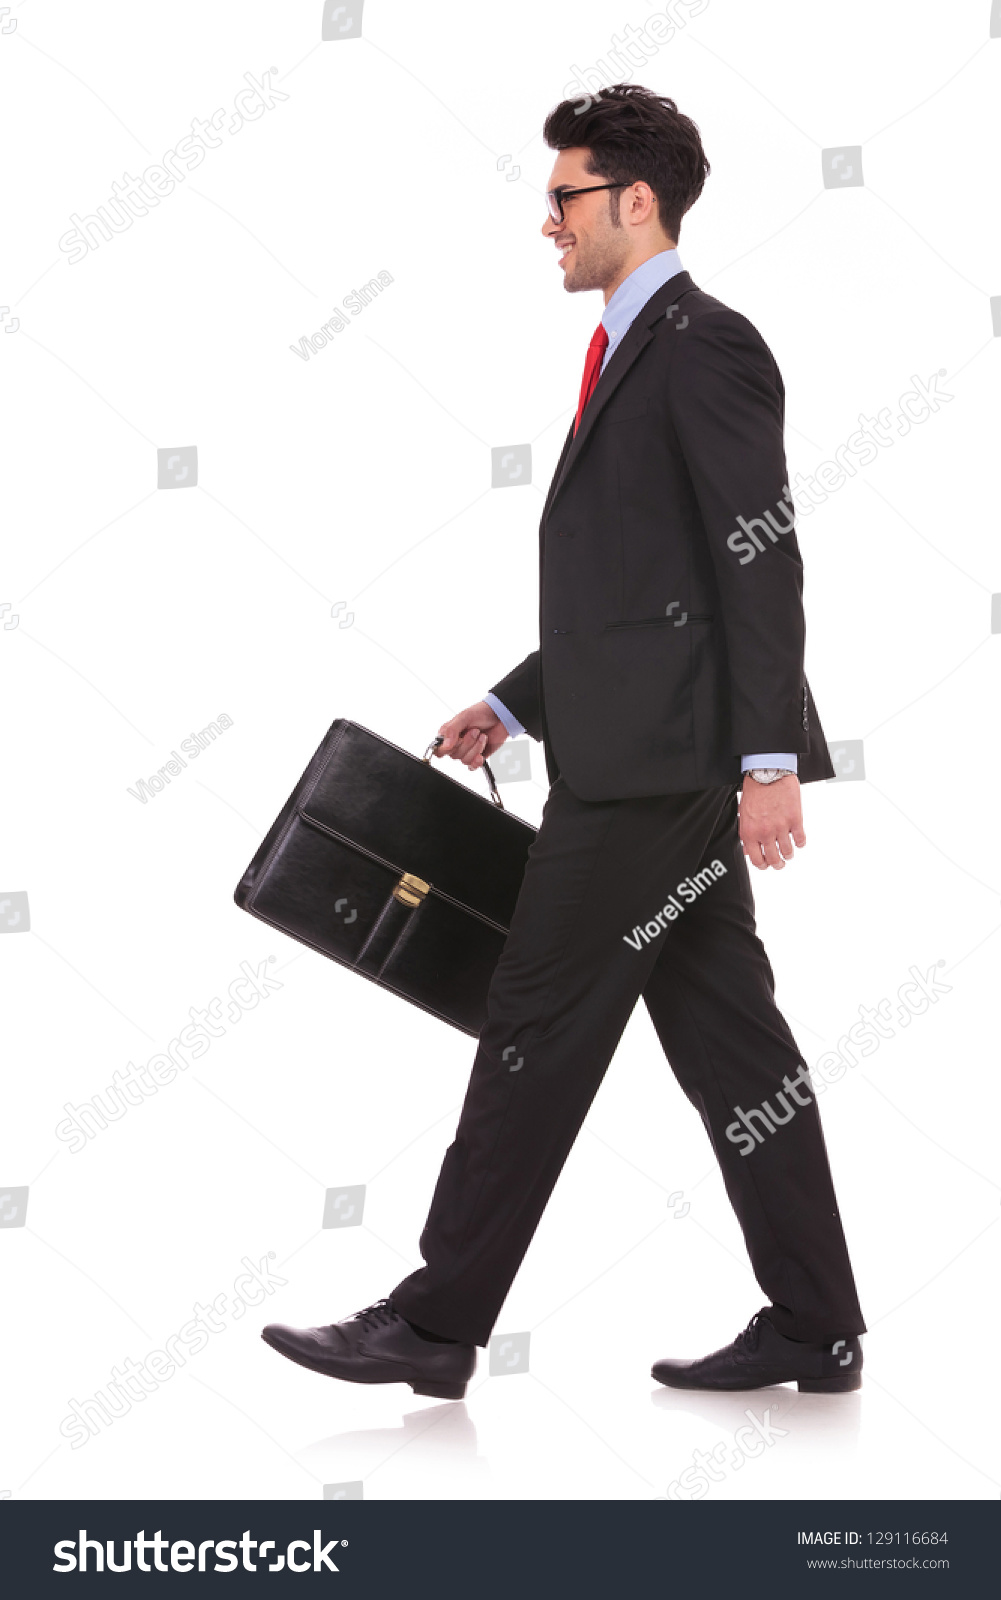 Схема как ходит человек